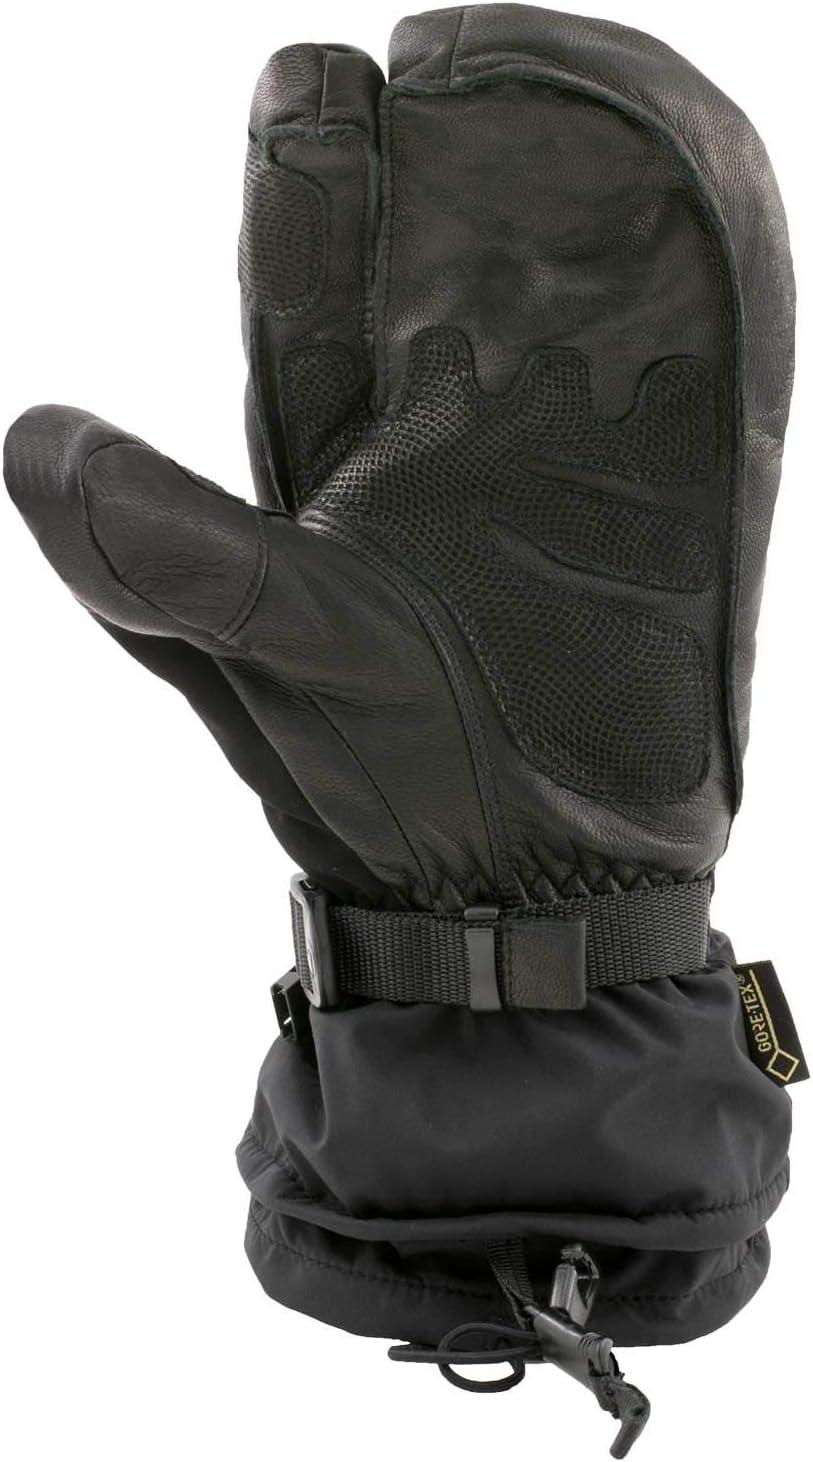 Swany 970 GTX 3-Finger Mitt - Men's